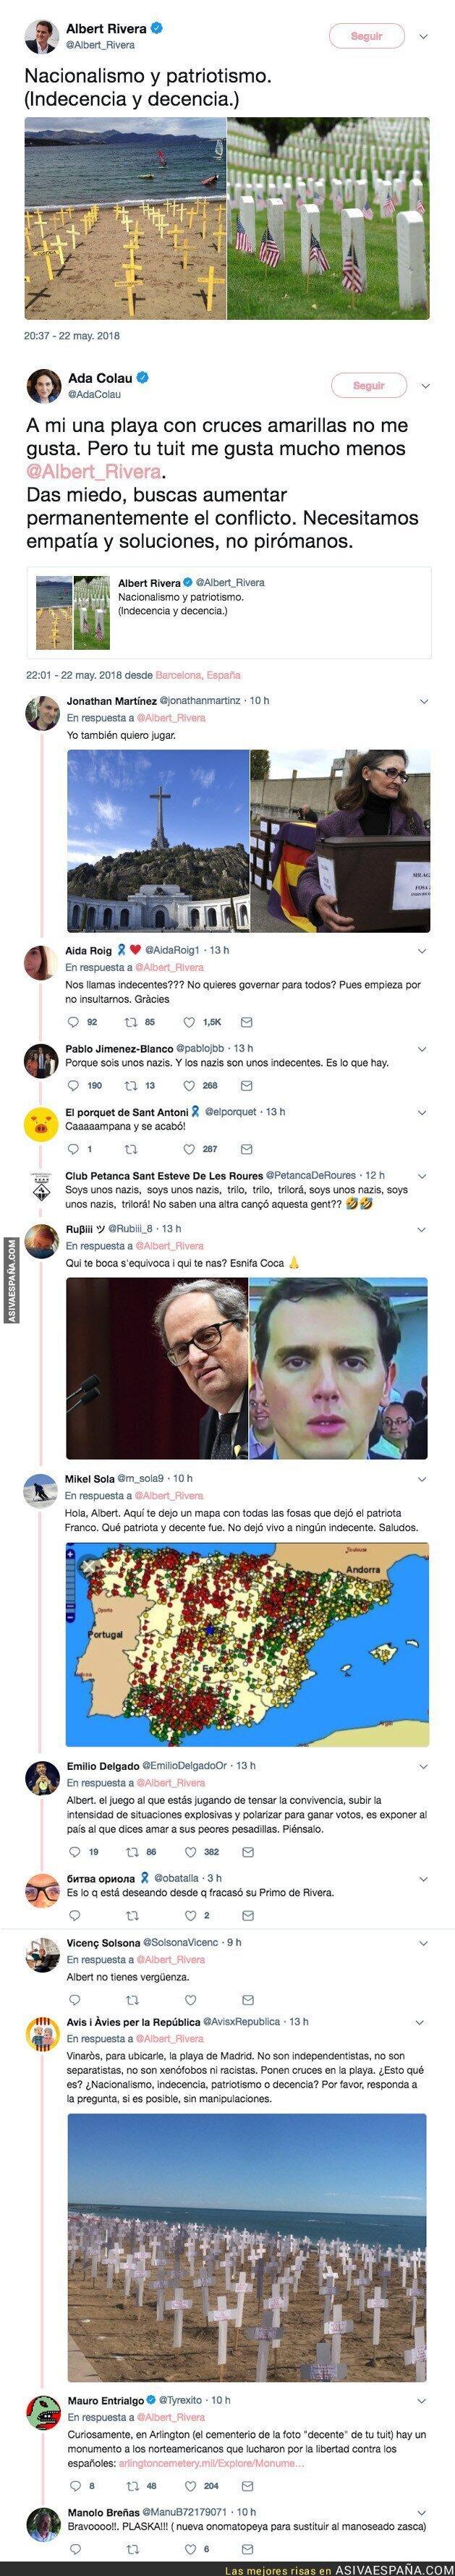 87262 - Albert Rivera incendia Twitter comparando estas dos imágenes de Catalunya y Estados Unidos